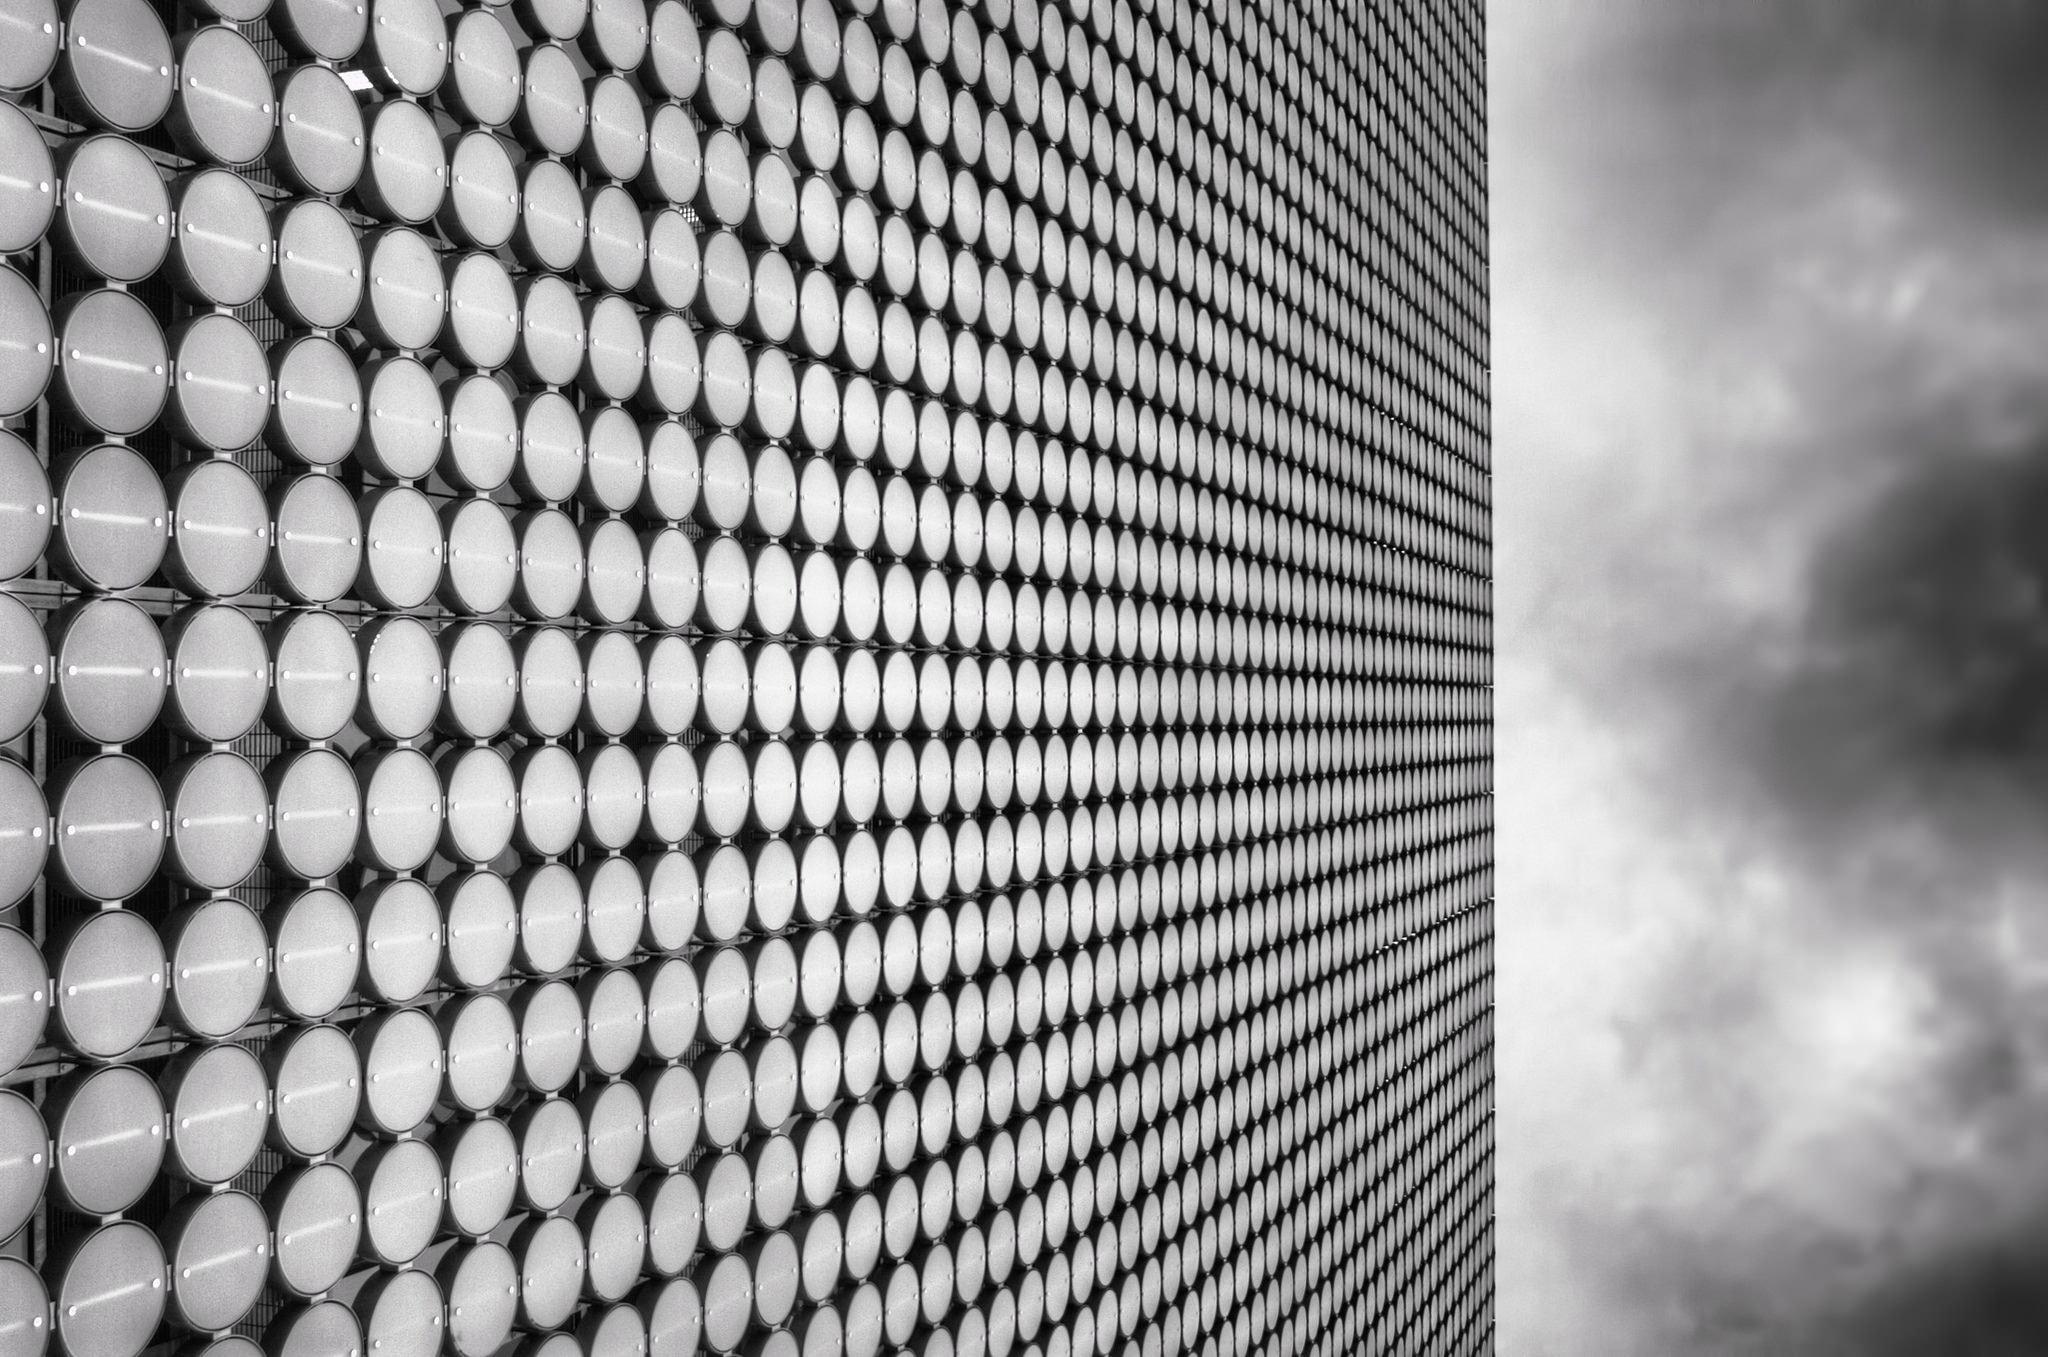 Juega con la altura a la que tomas tus fotos para crear perspectivas inusuales